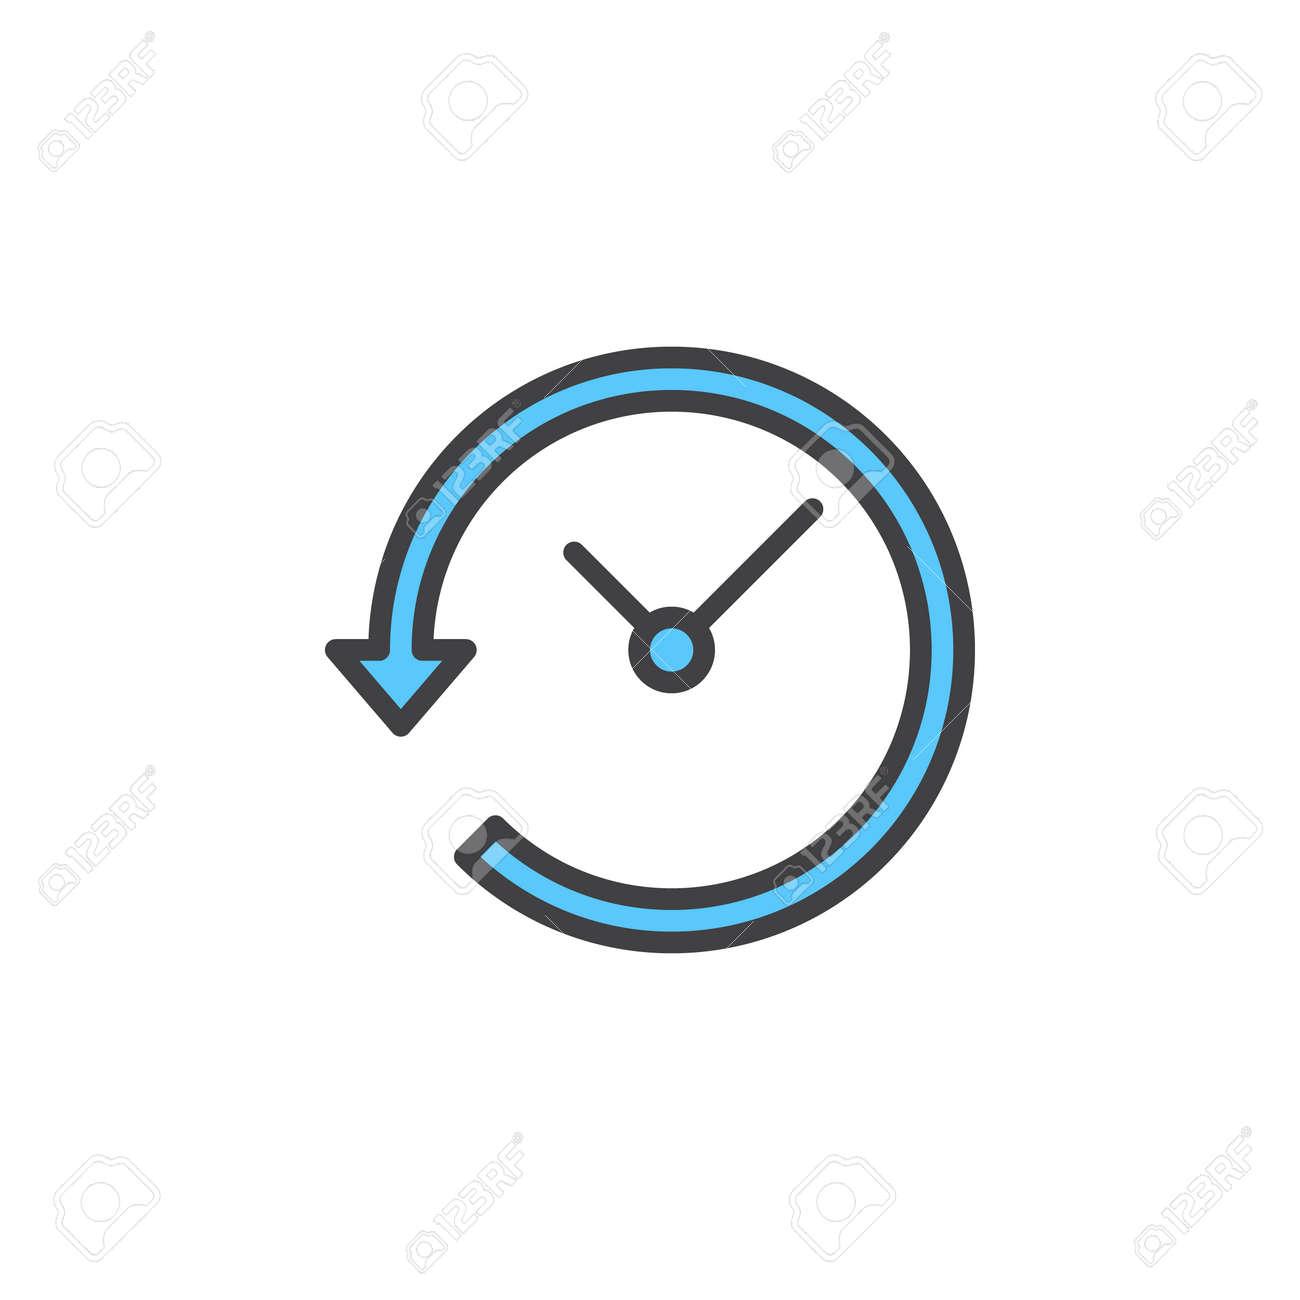 Reloj Colorido Lineal Vector BlancoSímbolo Contorno Flecha Alrededor LíneaSeñal Aislado Del De Con En Icono LlenoPictograma La lcKuT3F1J